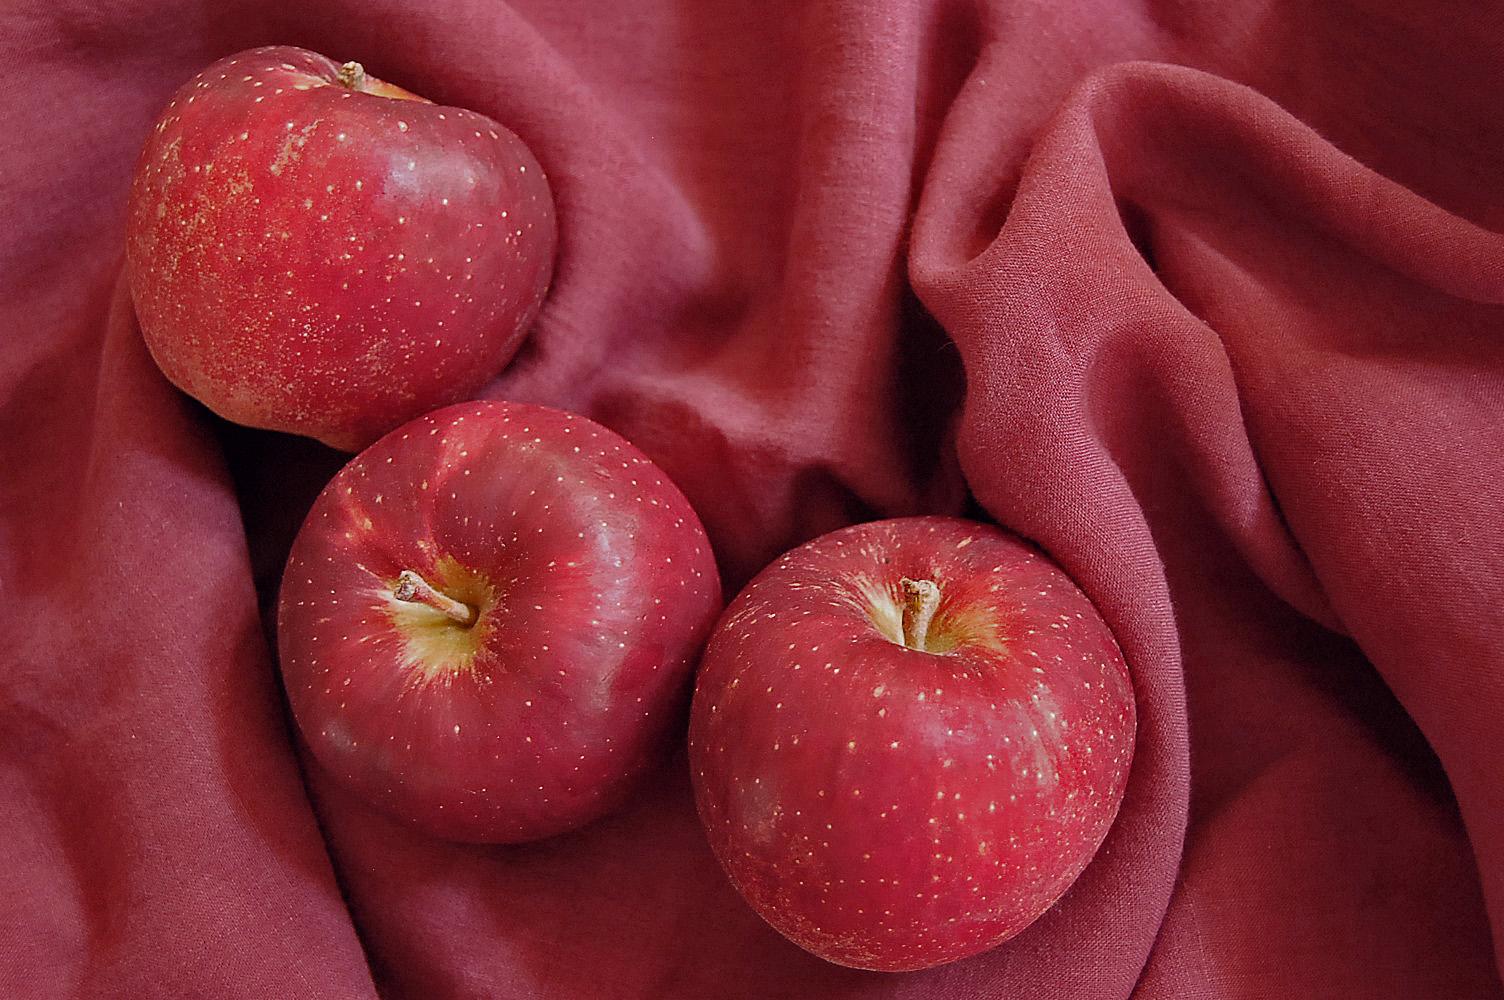 redfruits-mitsuki.jpg